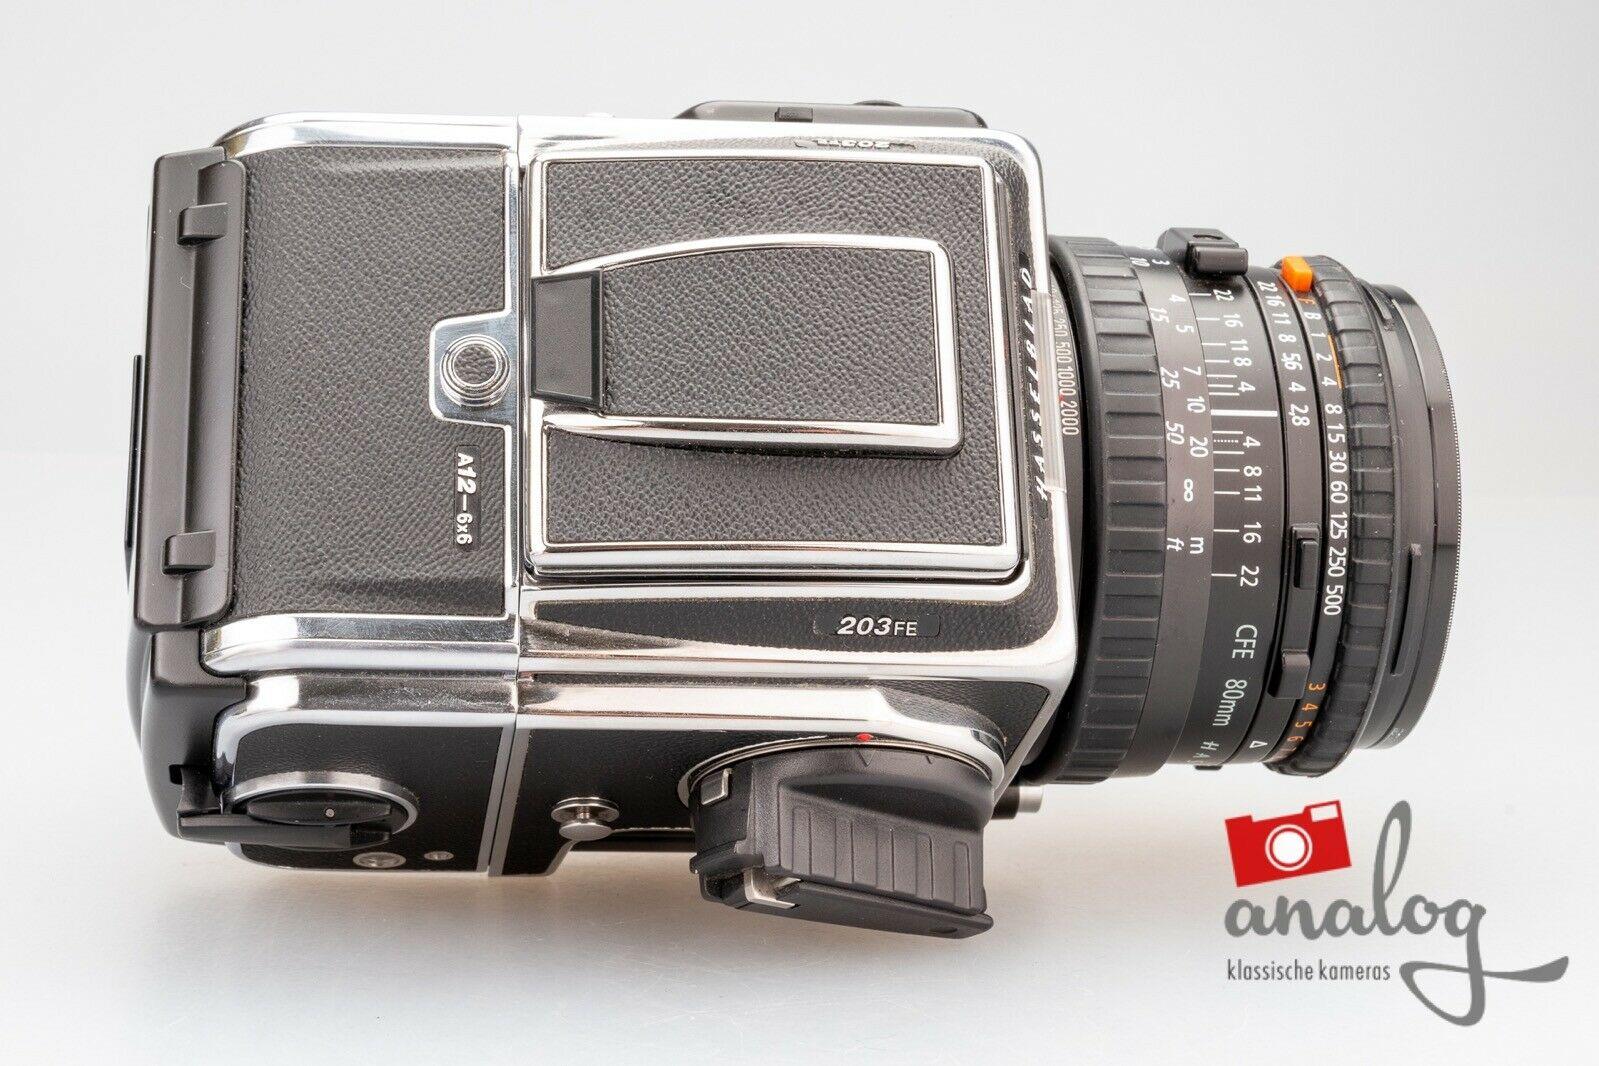 Hasselblad 203FE chrome mit Zeiss Planar CFE 80mm und Magazin A12-6x6